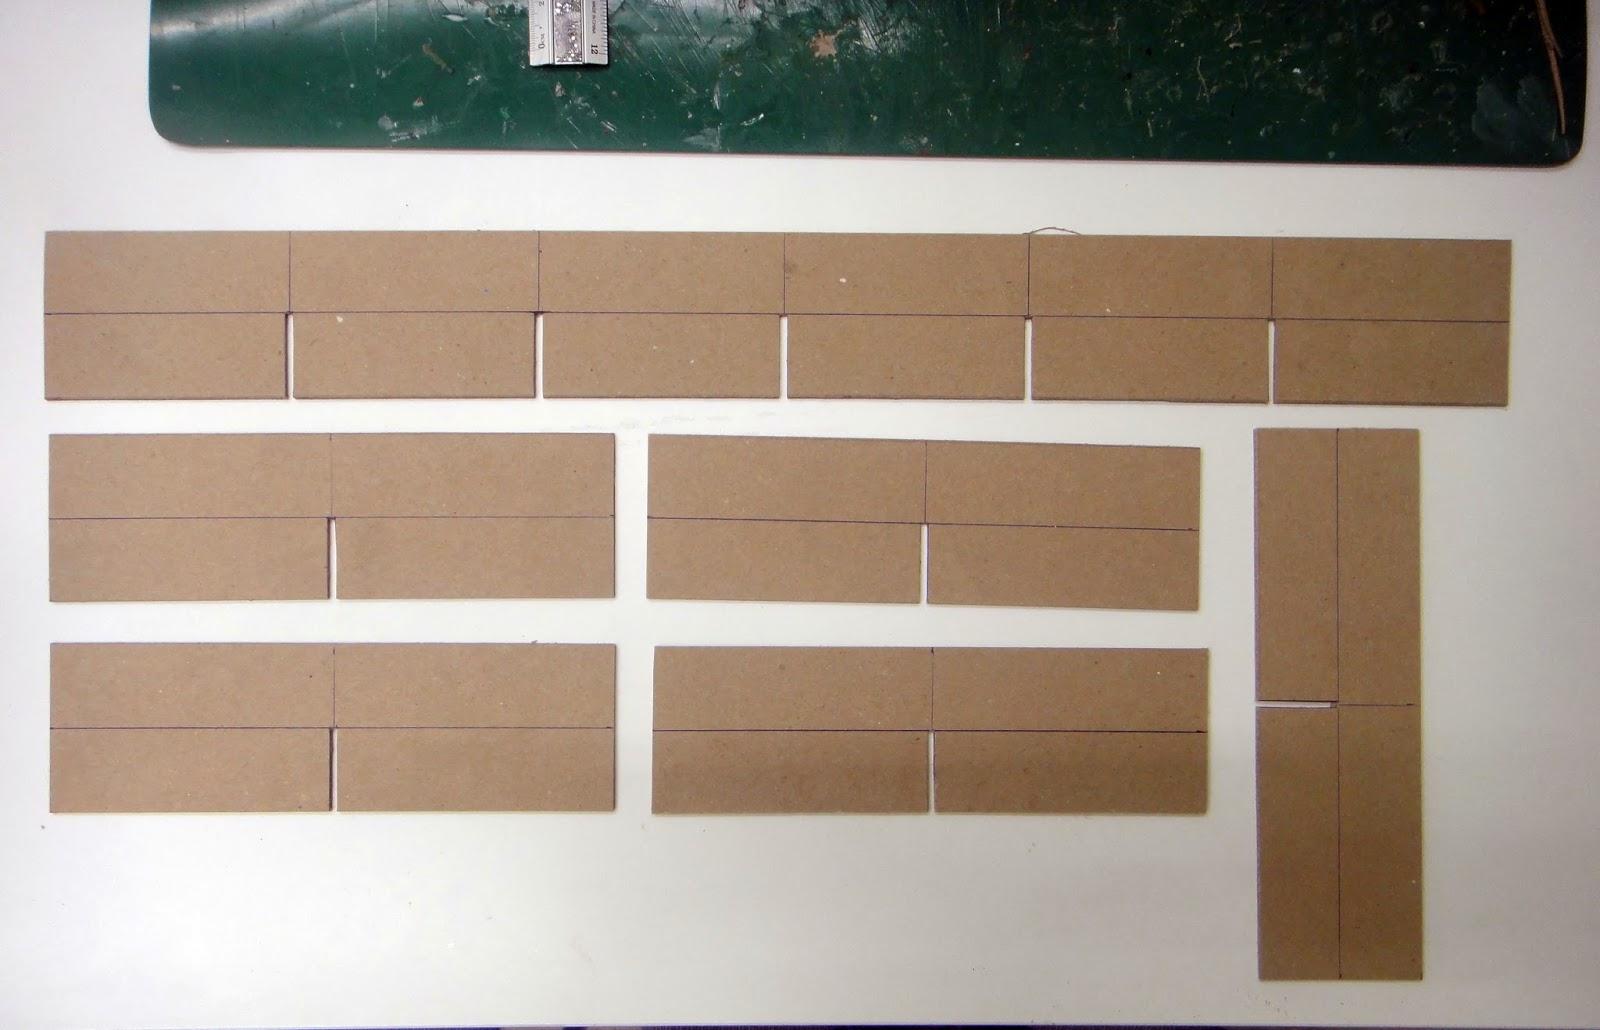 Misue O Manualidades Estanter A De Cart N Reciclado Diy Para  ~ Estanterias De Carton Reciclado